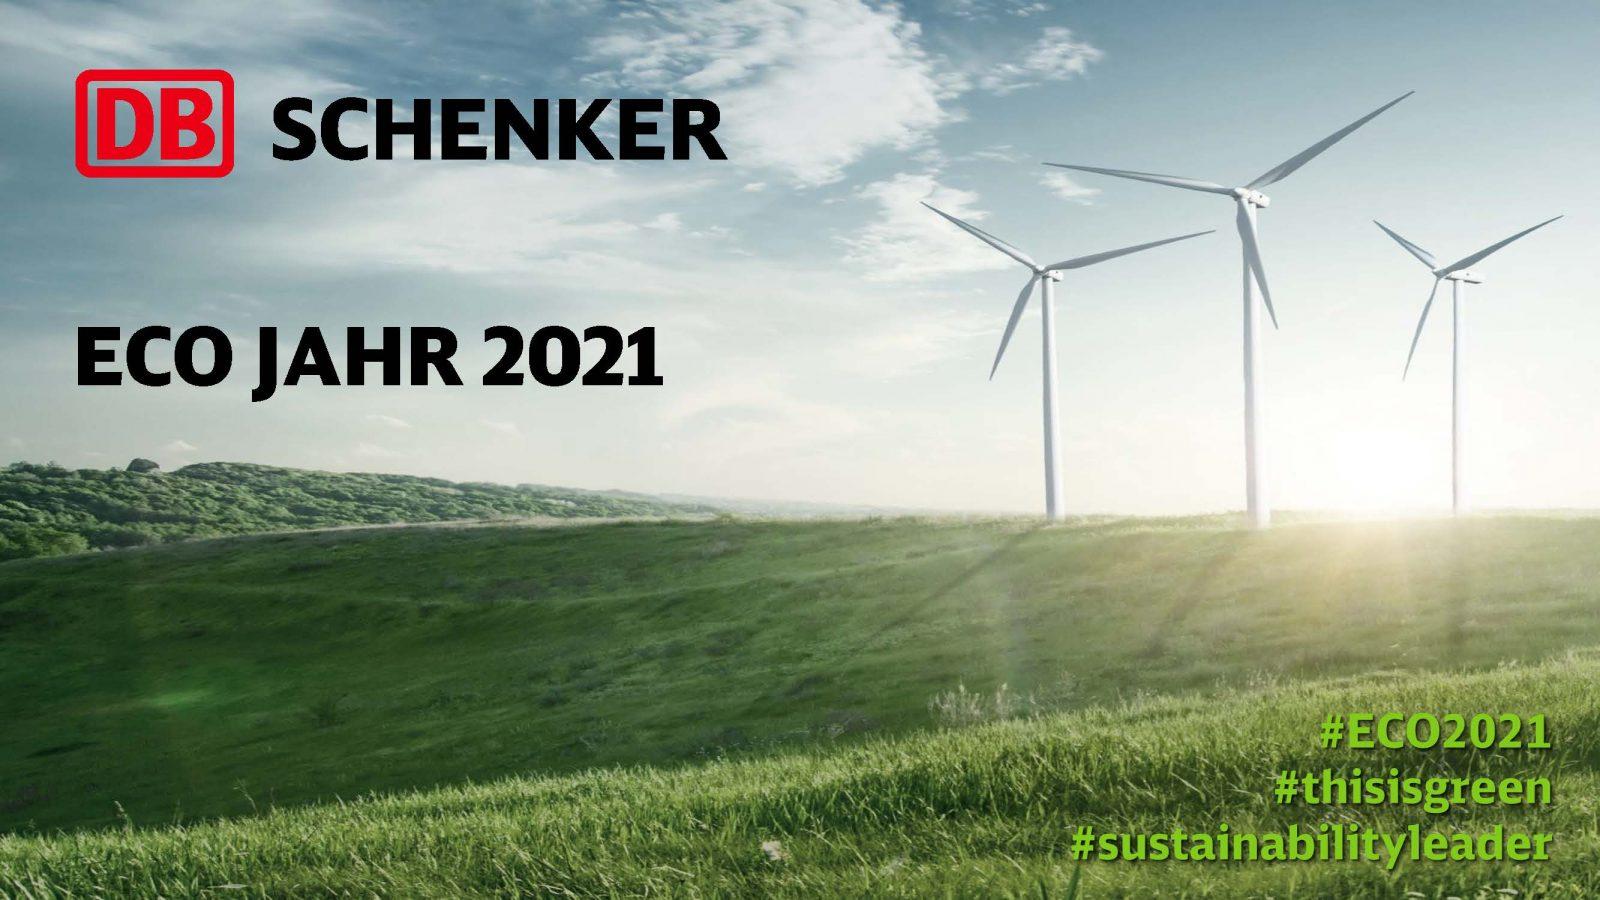 db schenker österreich nachhaltigkeit